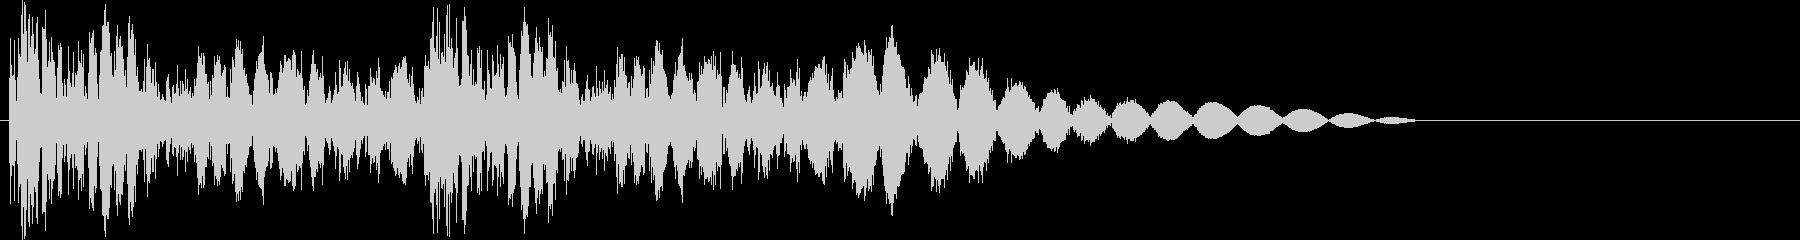 ビシビシッ(2連続パンチ・攻撃)の未再生の波形